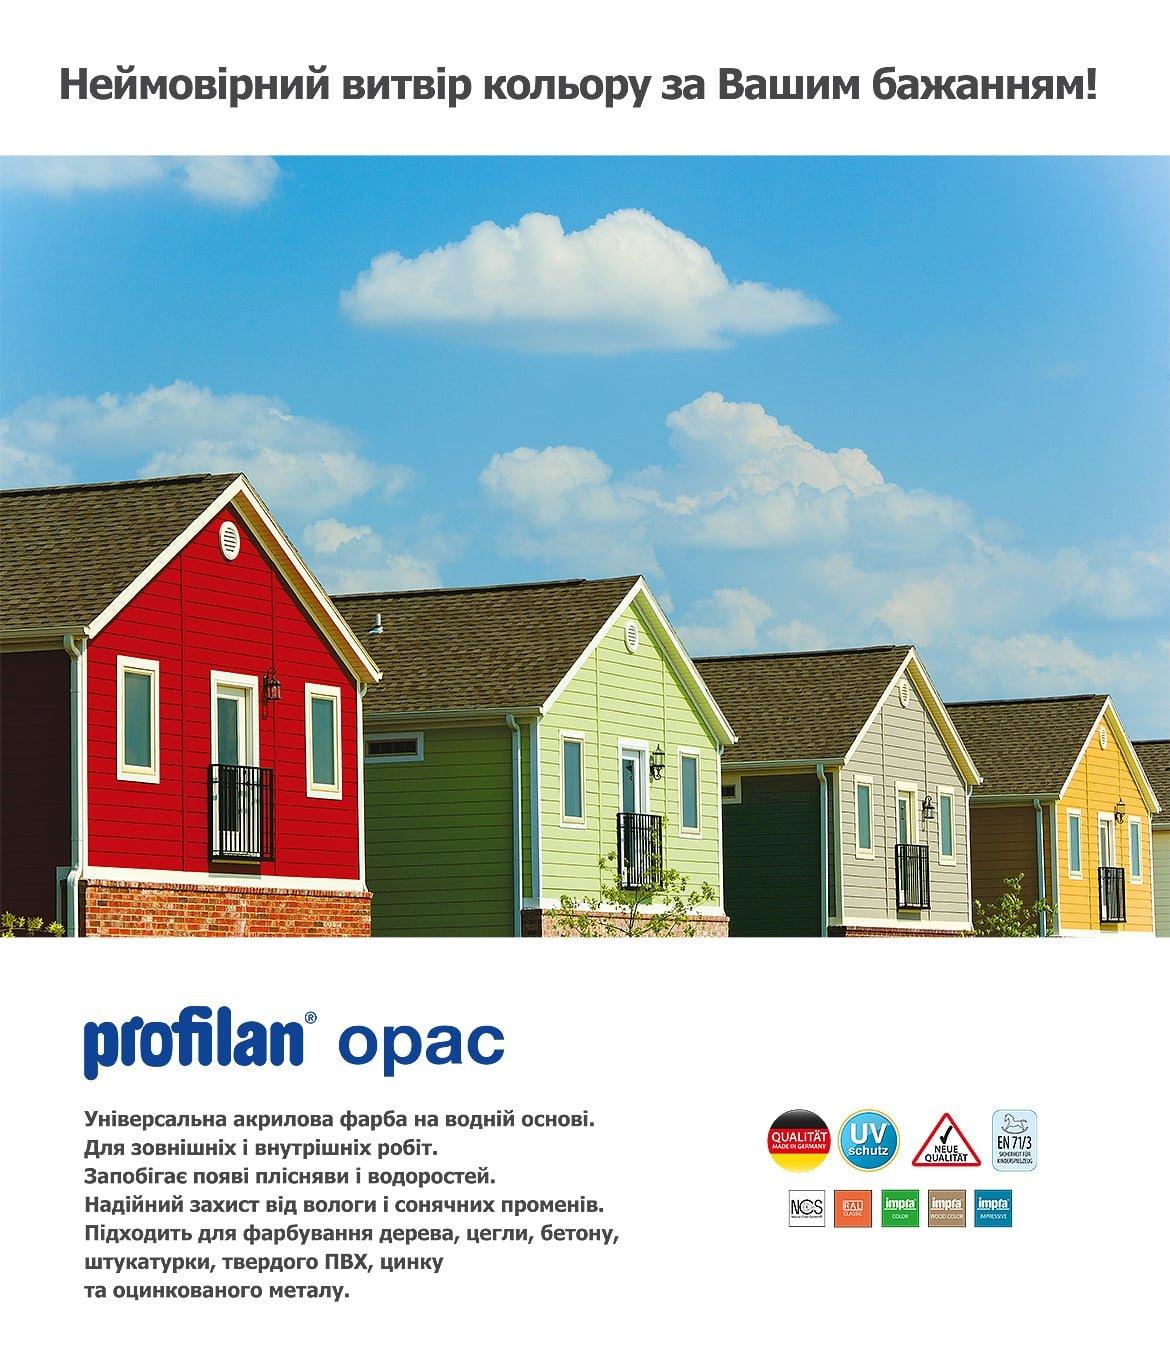 profilan Opac Metalic - погодостійка фарба з ефектом металік на водній основі